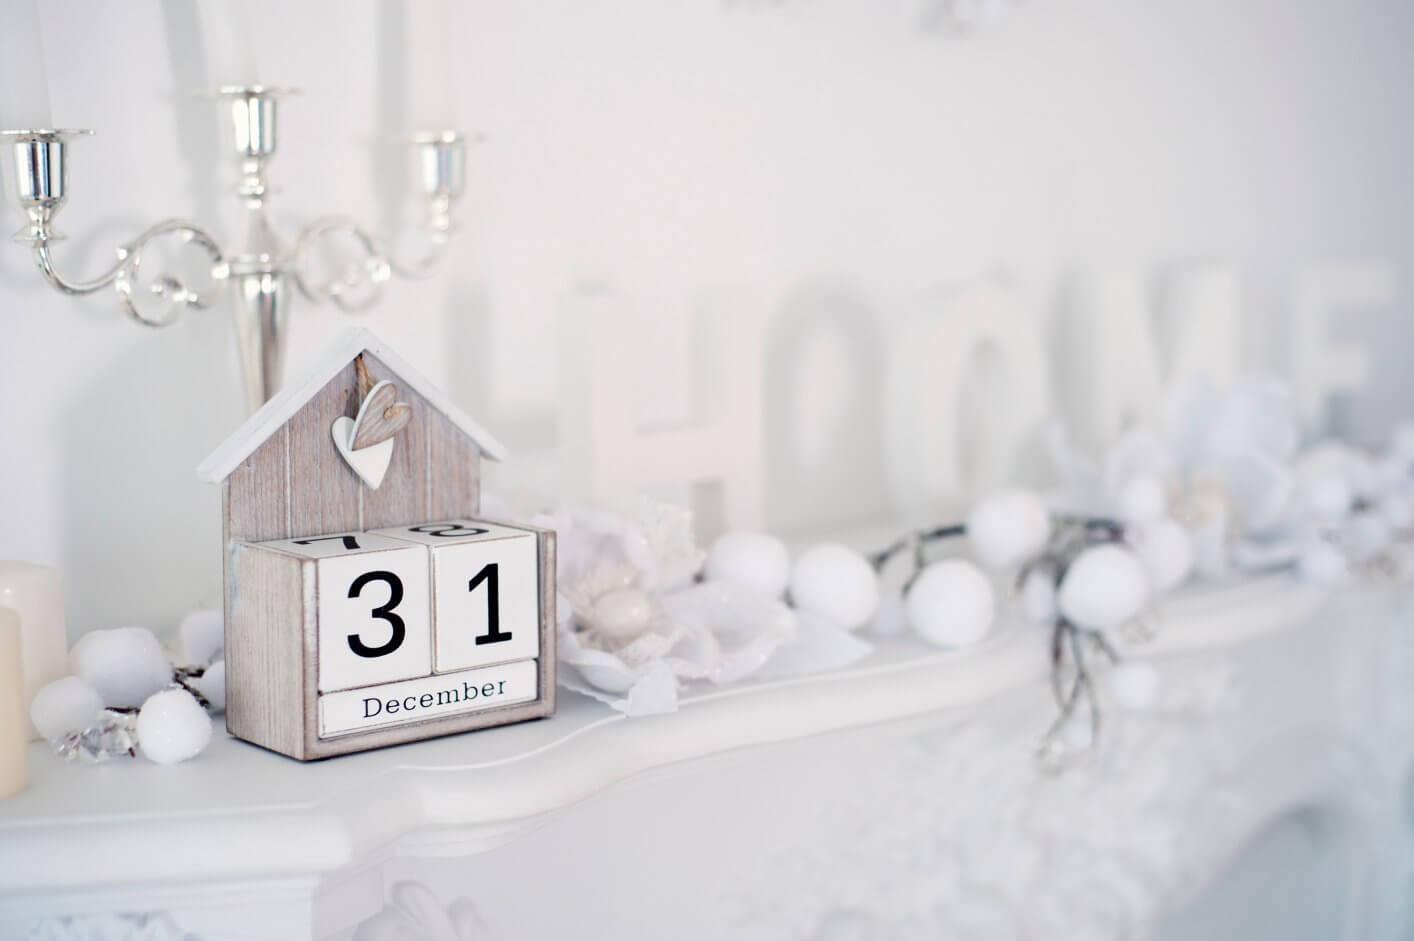 calendário de mesa de mdf em formato de casa com castiçal de prata ao fundo.